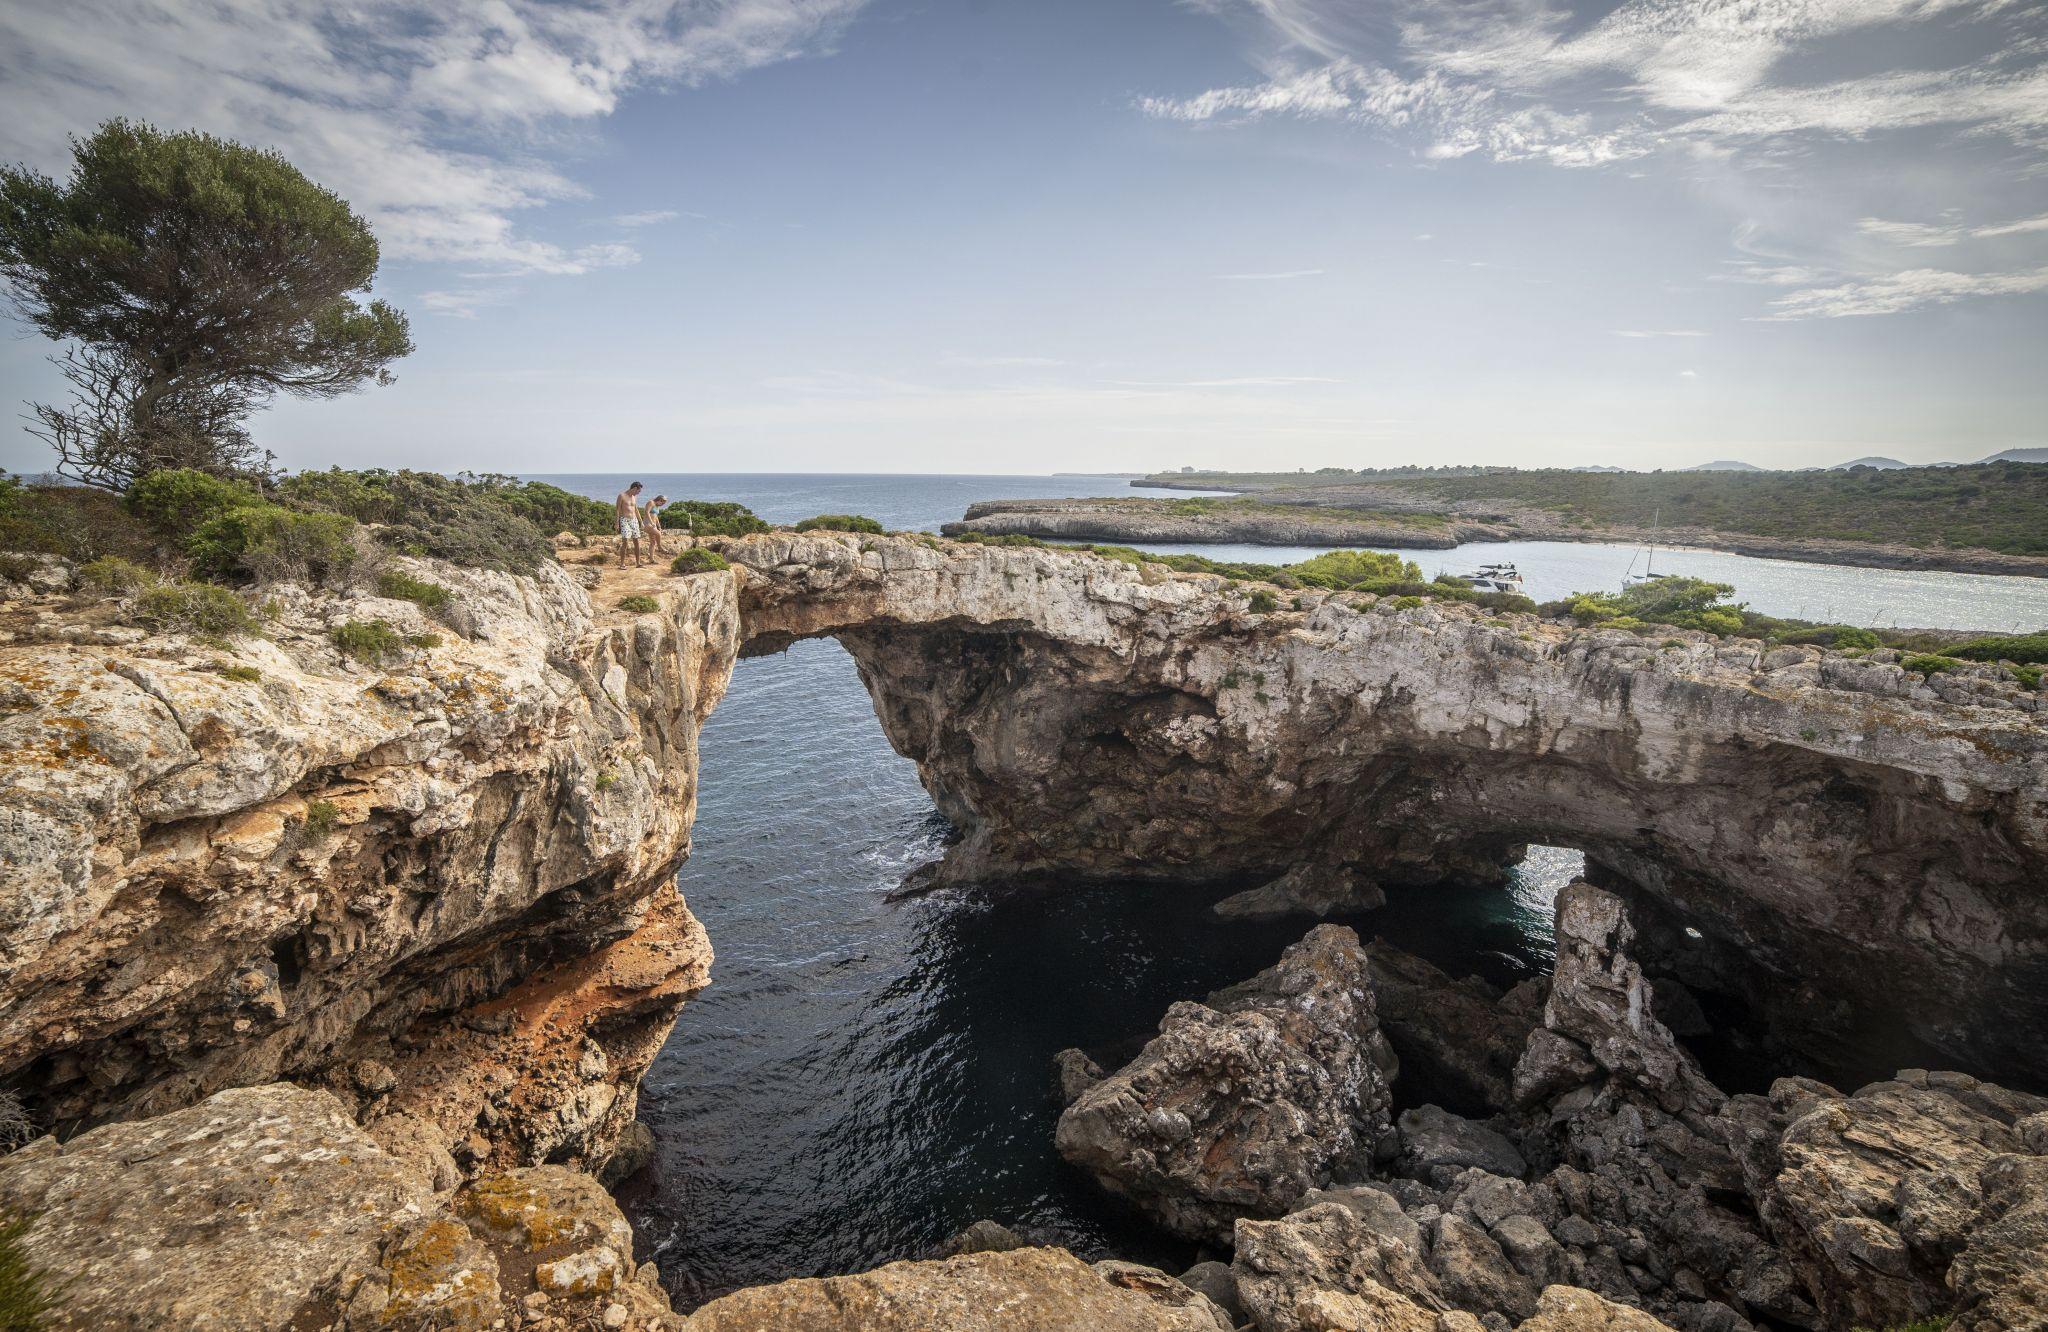 Puente Natural, Spain